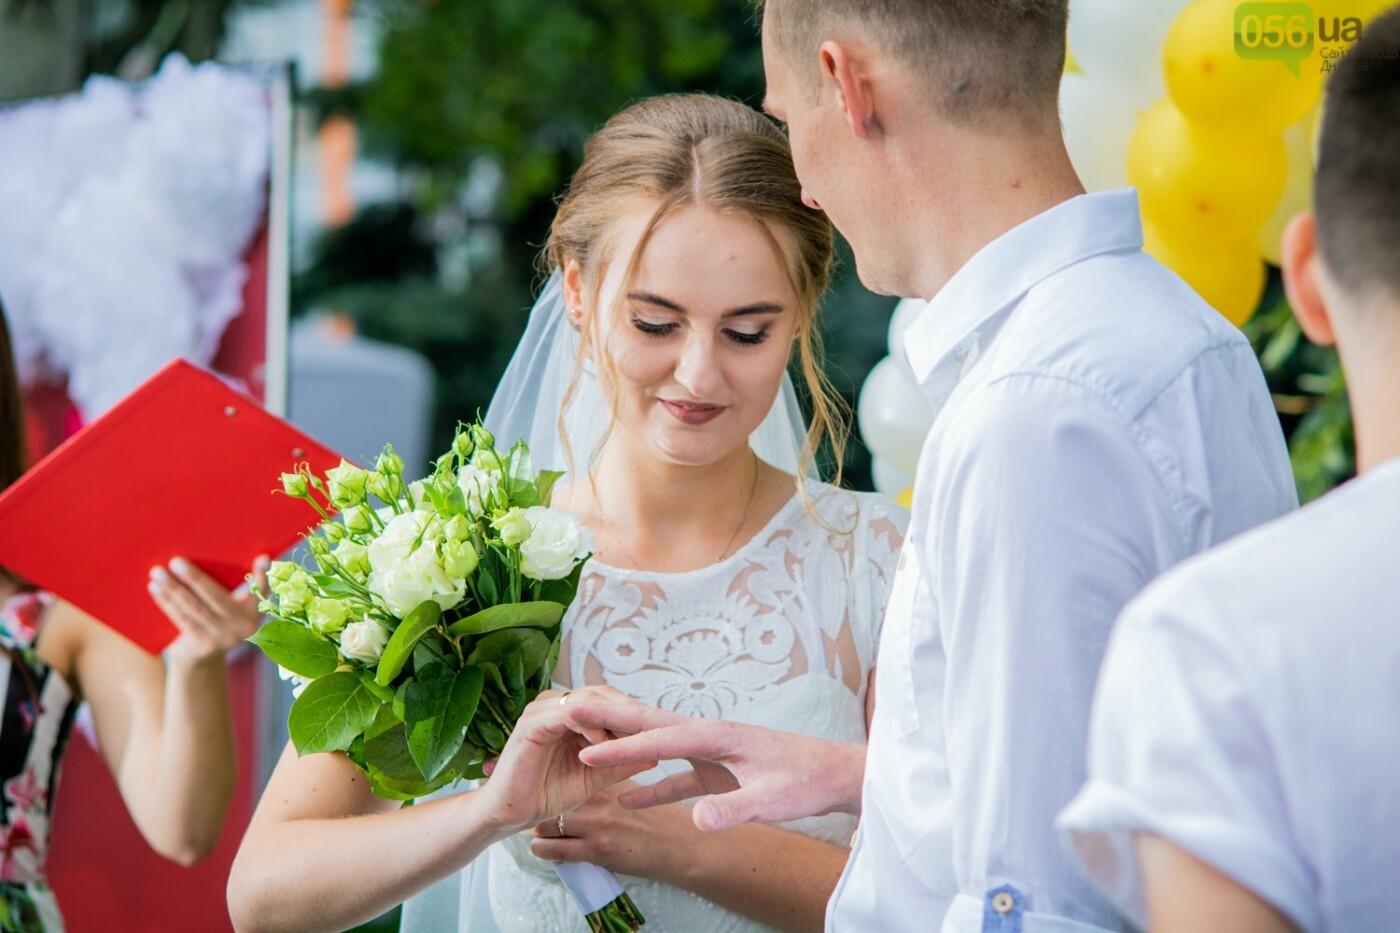 Фестиваль красок и свадьбы: как в Днепре прошел День молодежи, - ФОТОРЕПОРТАЖ, ВИДЕО, фото-23